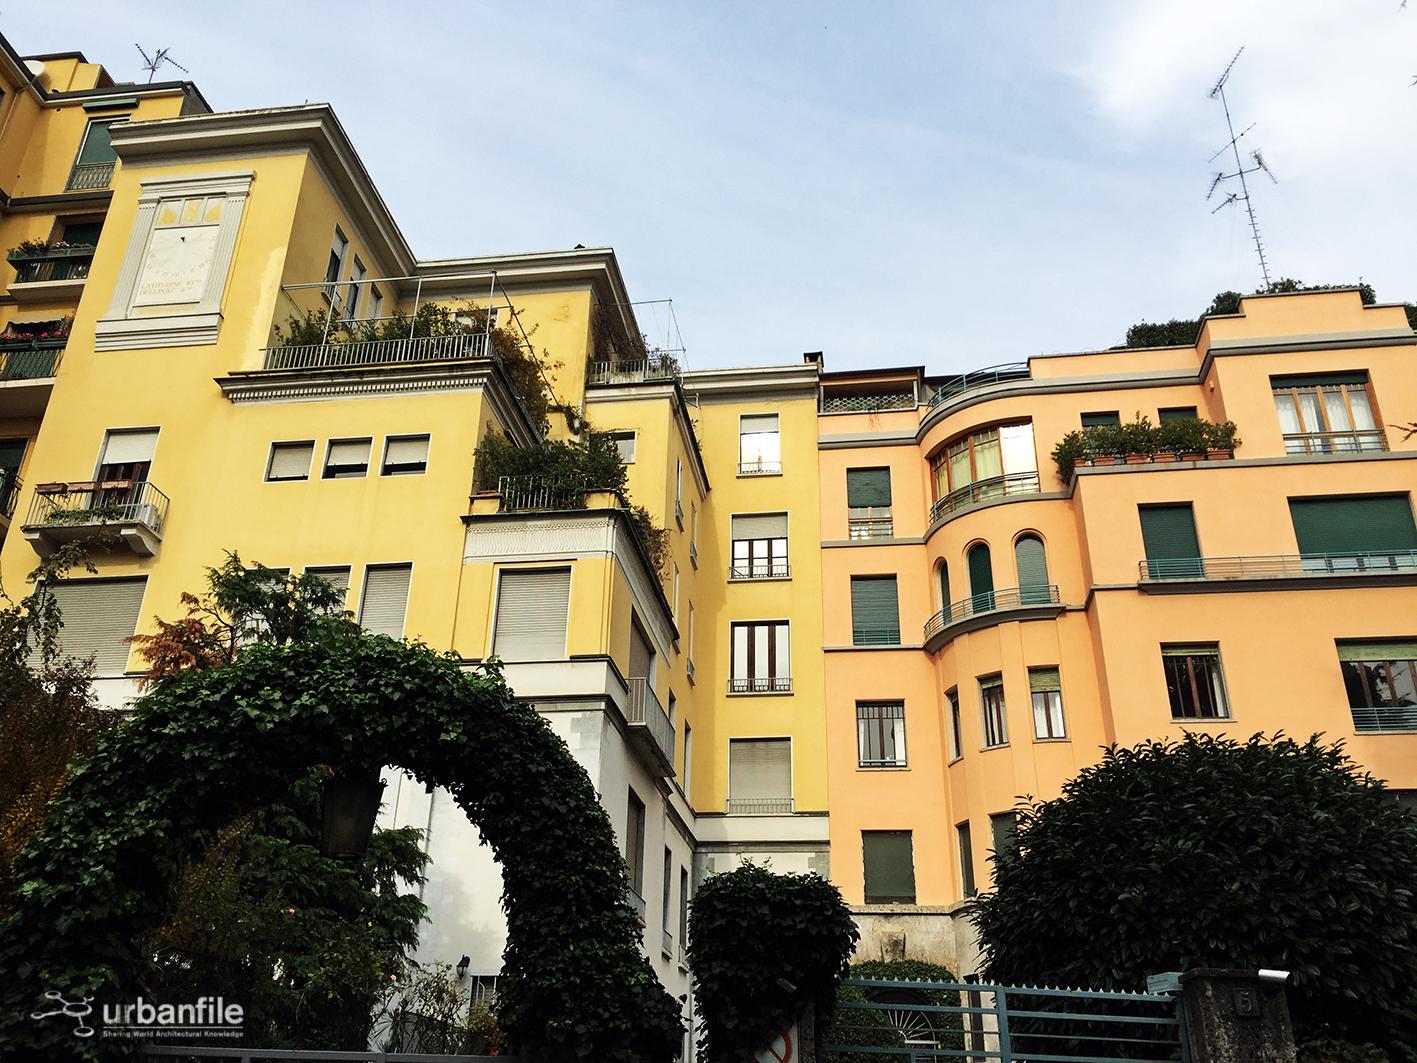 Milano crocetta palazzo pertusati e il giardino dell 39 arcadia urbanfile blog - Casa dell ottone milano ...